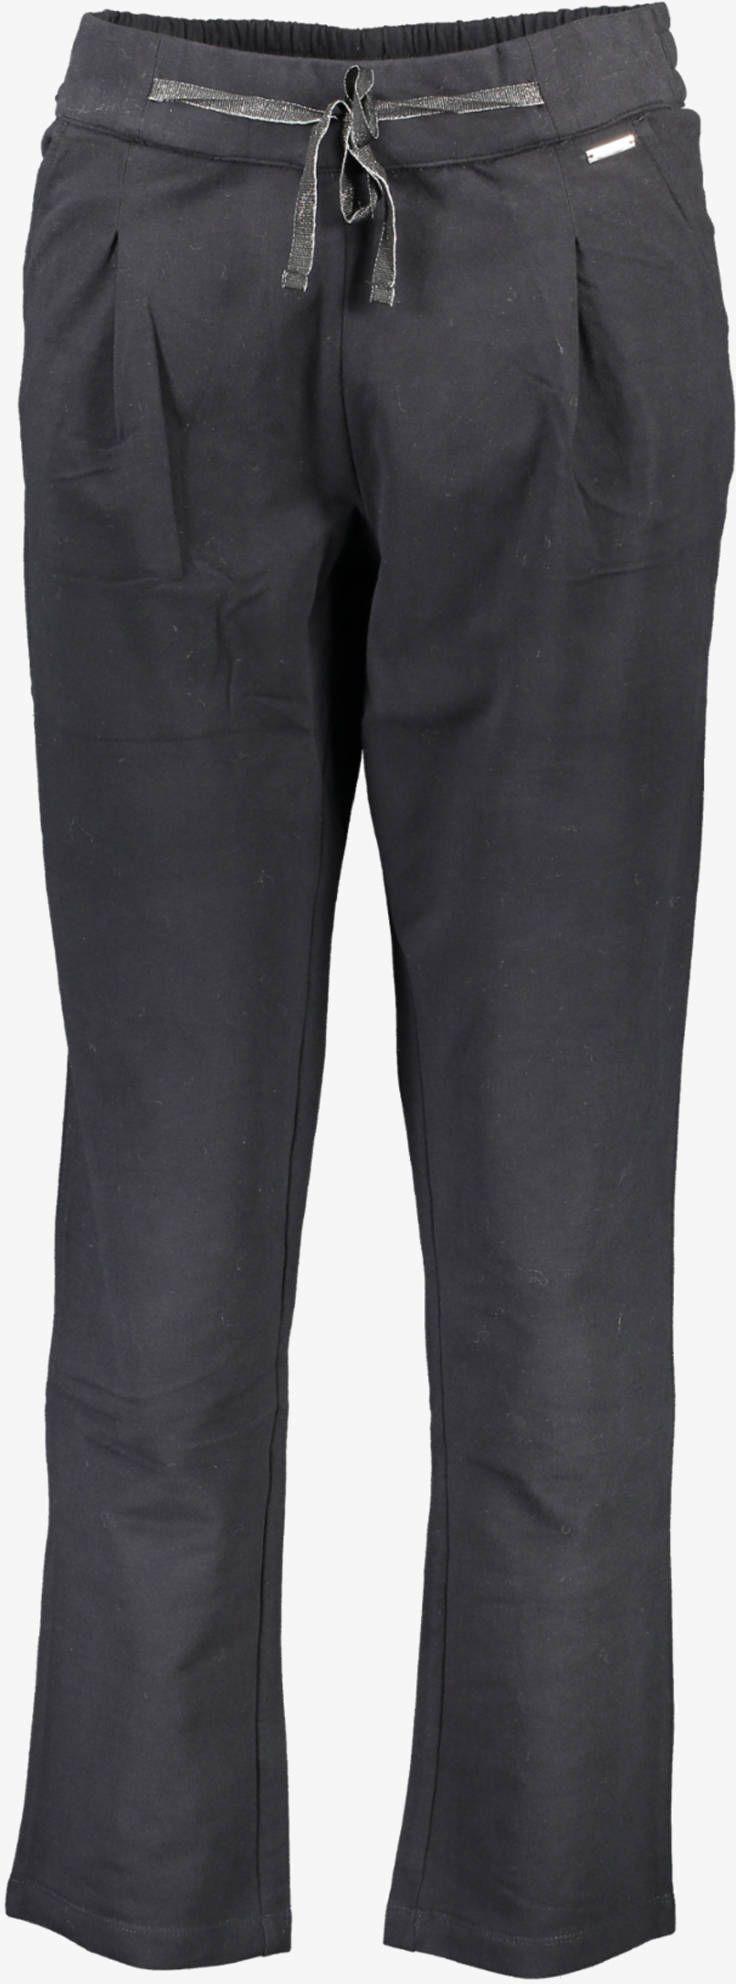 U.S. POLO ASSN. Spodnie Damskie